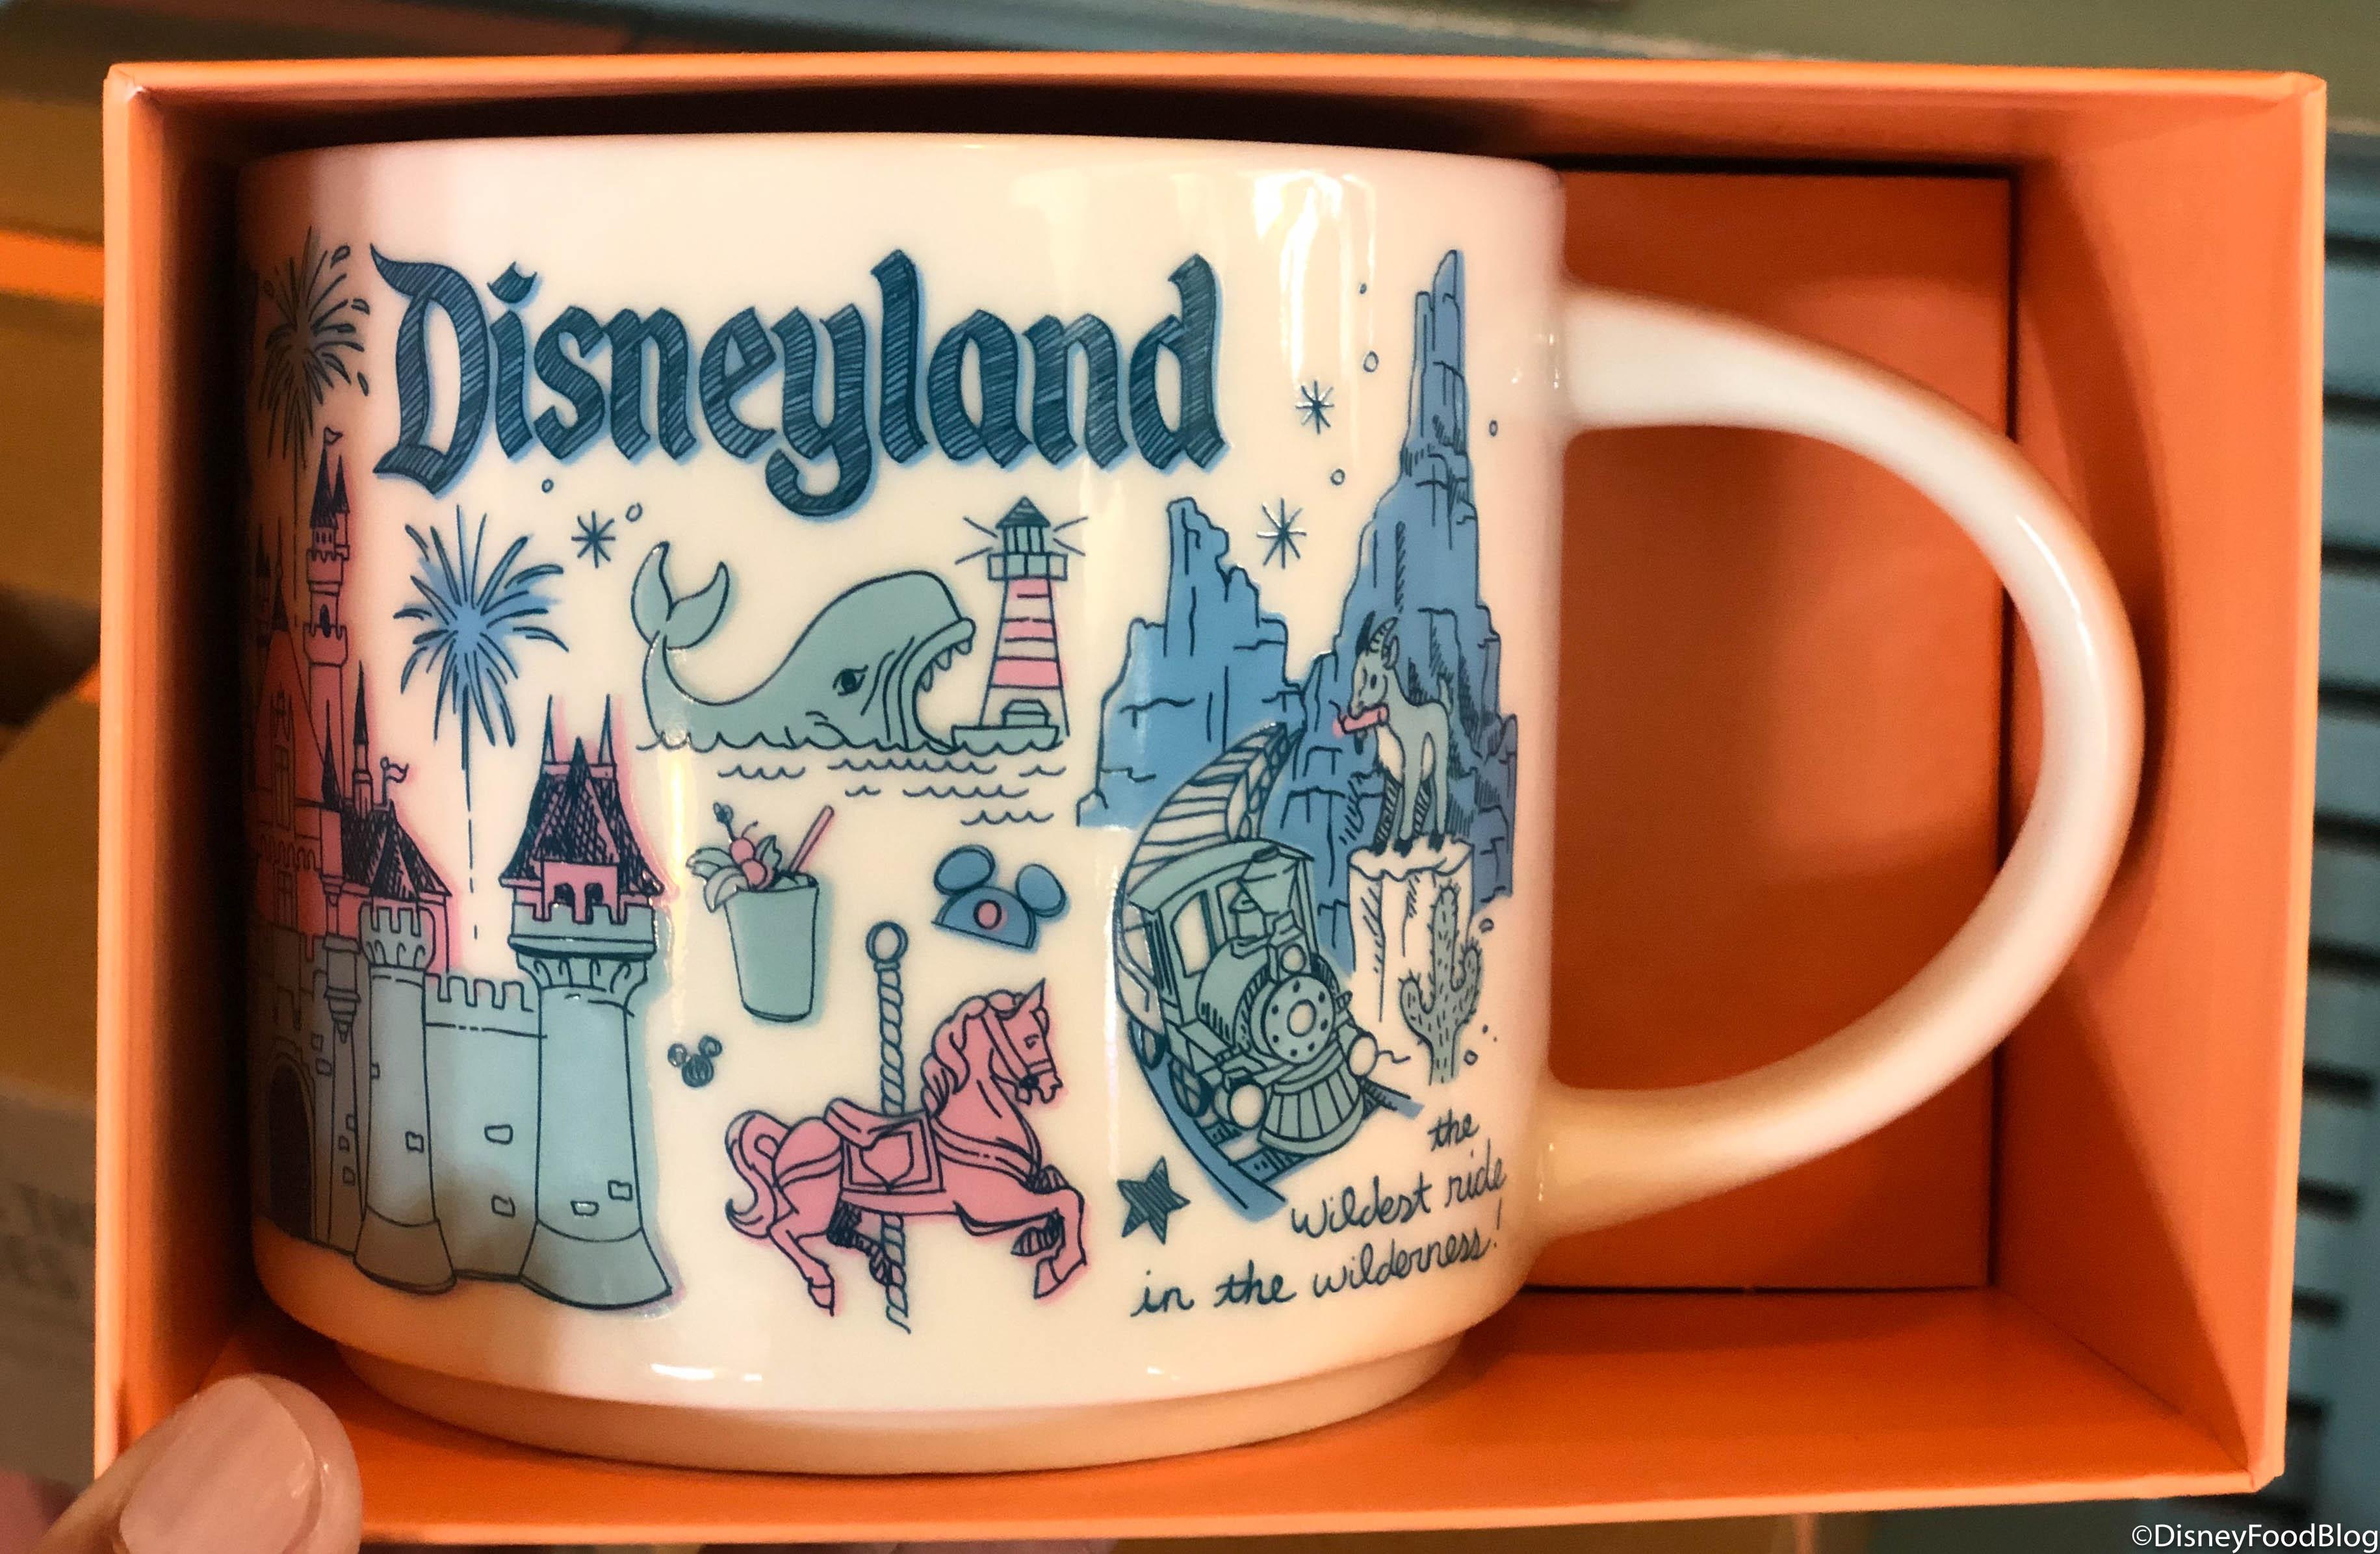 Disneyland Resort Starbucks Mug Been There Series New Release Exclusive